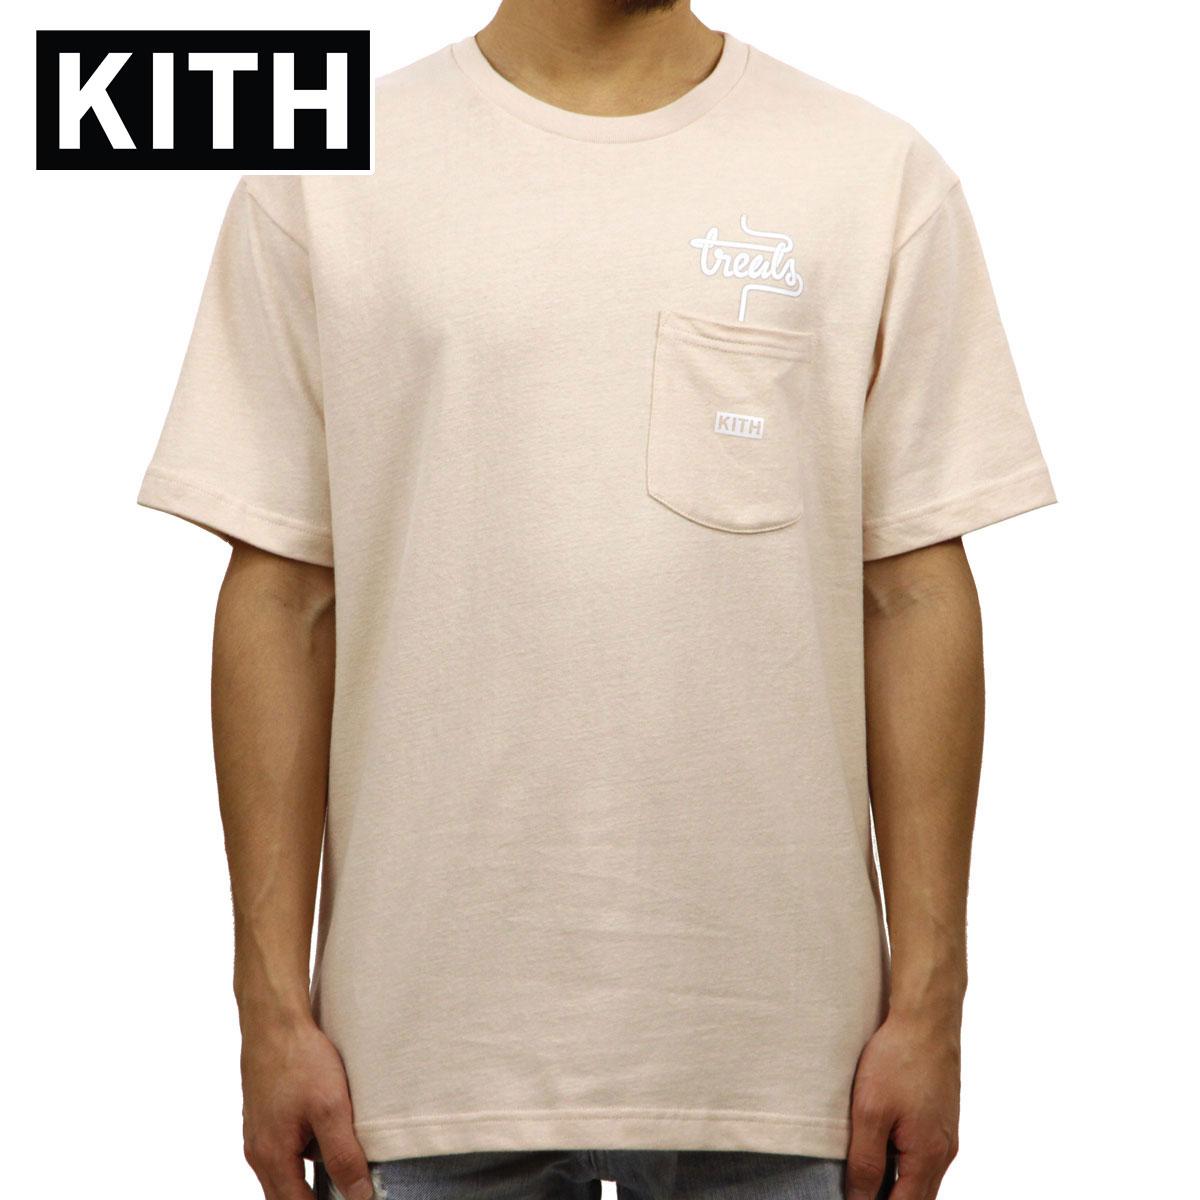 キス KITH 正規品 メンズ クルーネック 半袖ポケTシャツ KITH TREATS MILKSHAKE SPECIAL POCKET TEE KH3327-107 PINK